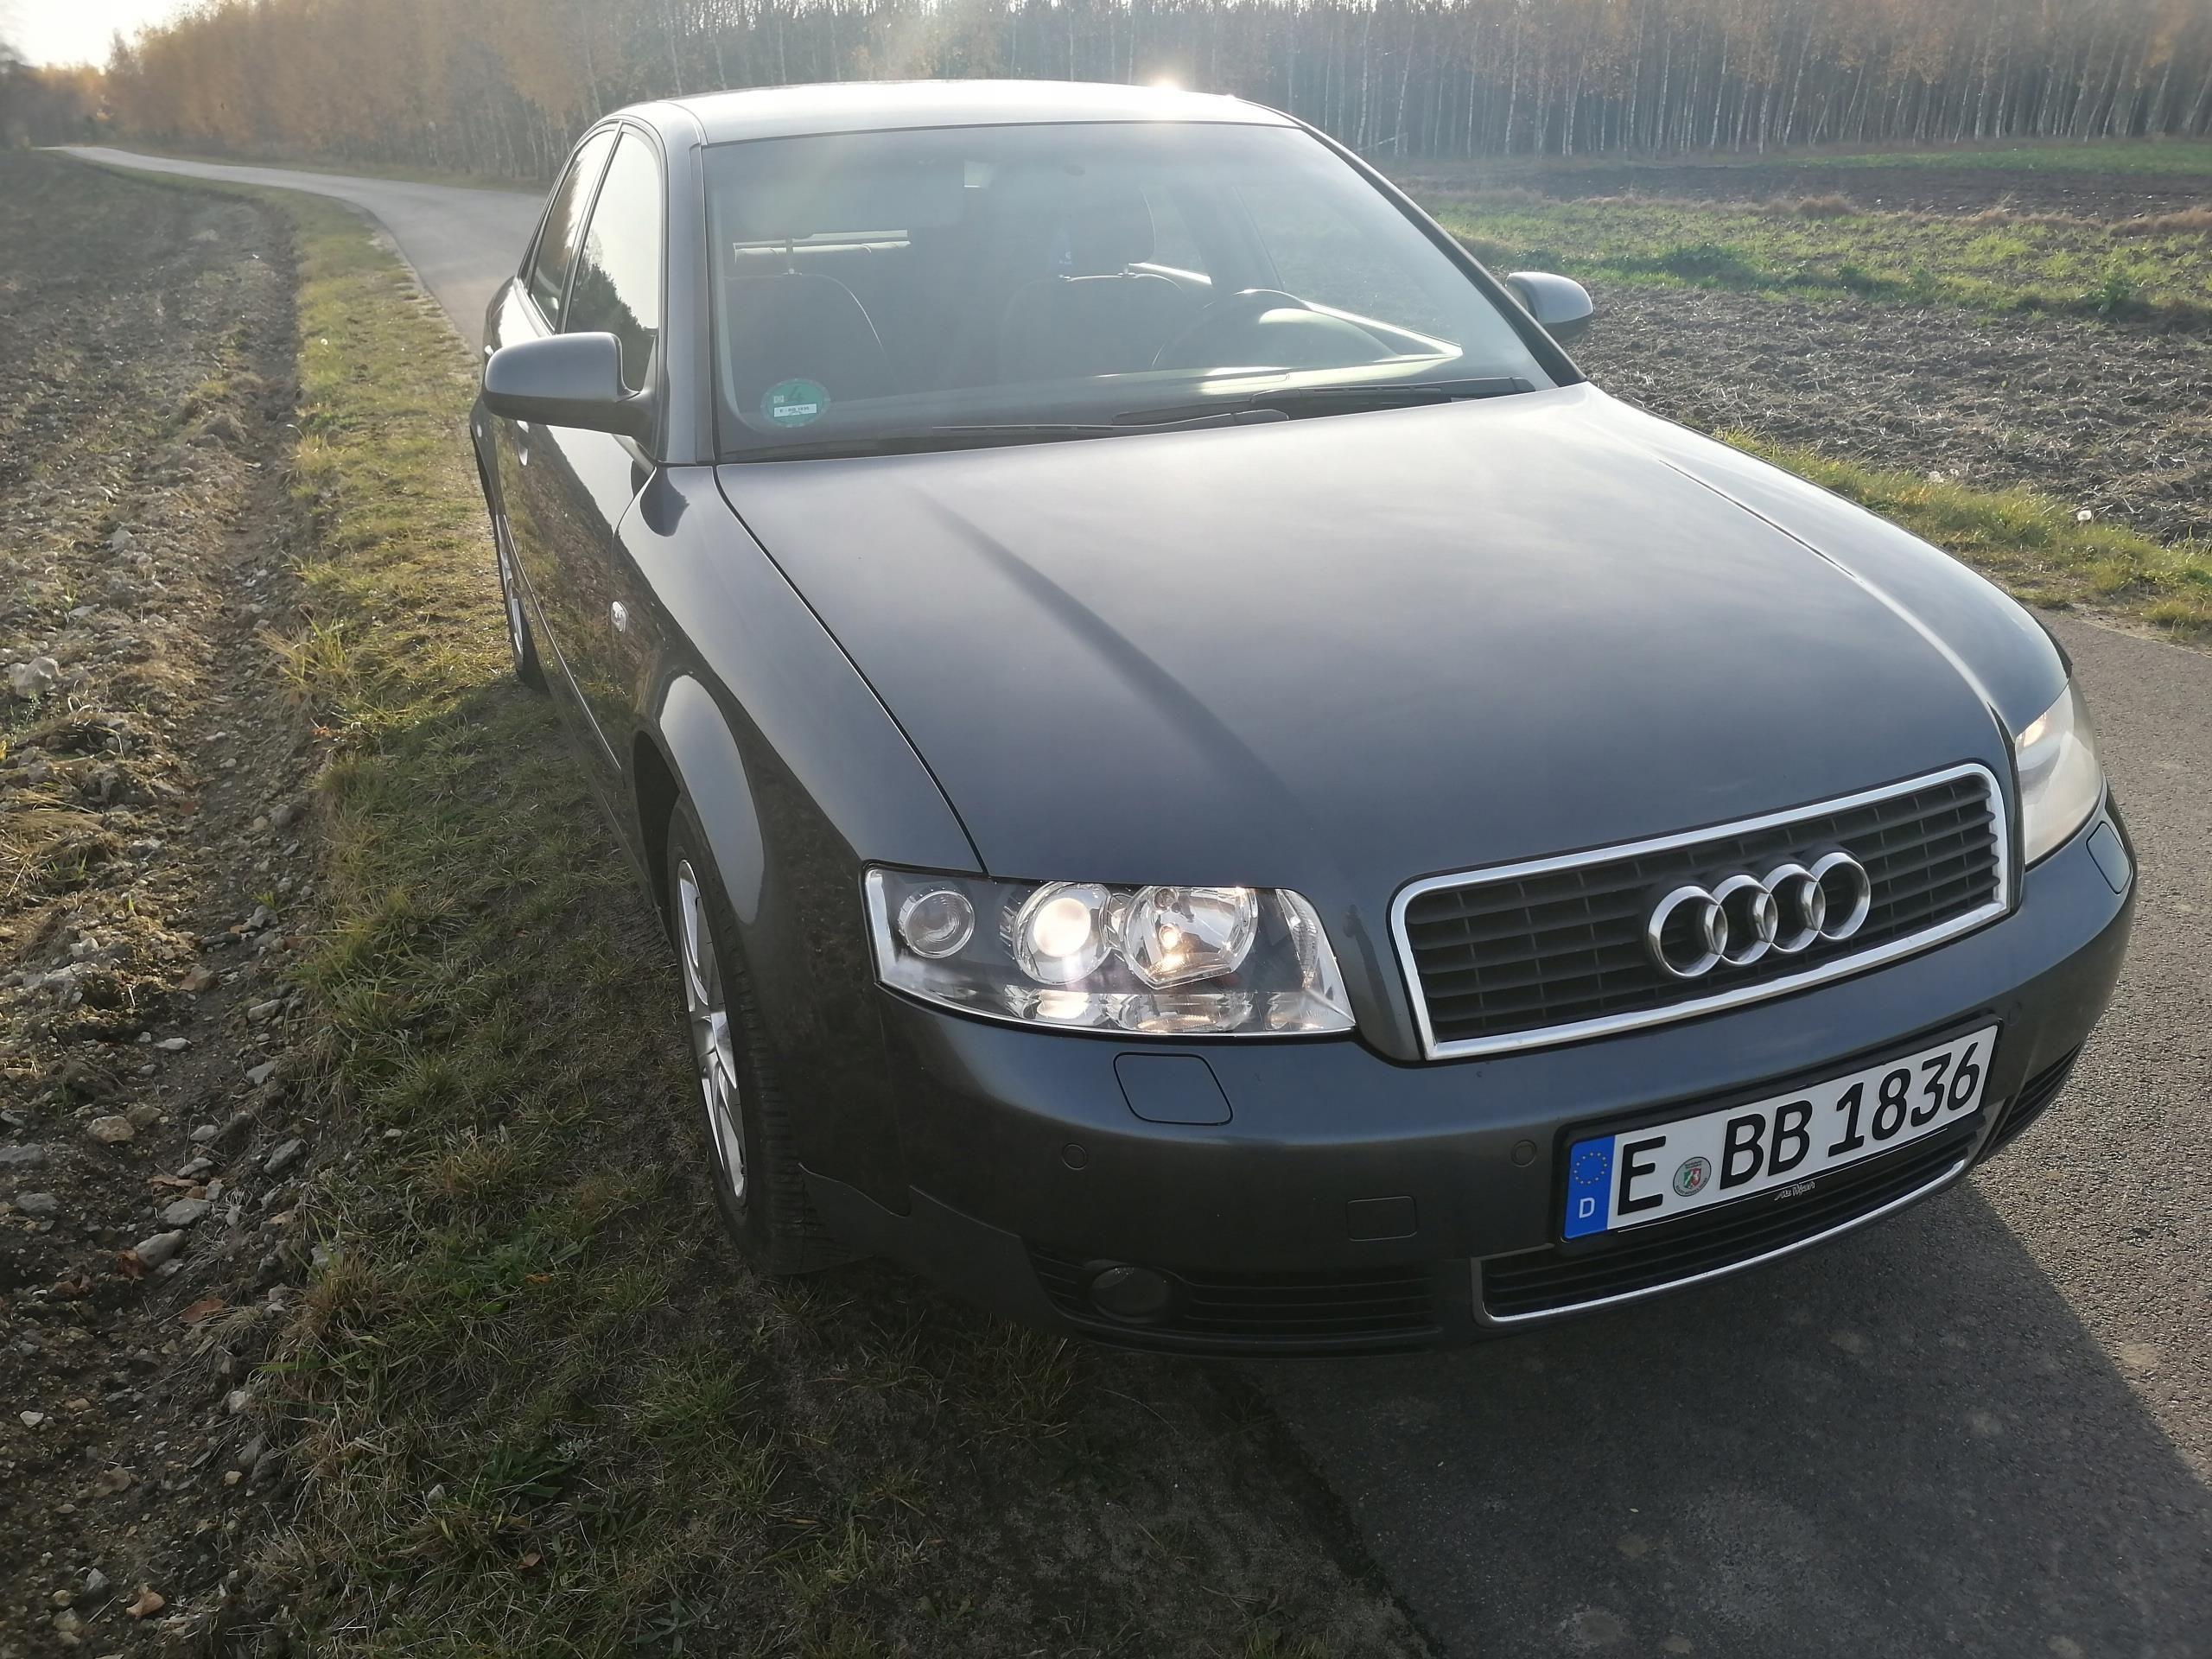 Audi A4 B6 18 T Lpg Prins Xenon 2xpdc Z Niemiec Opinie I Ceny Na